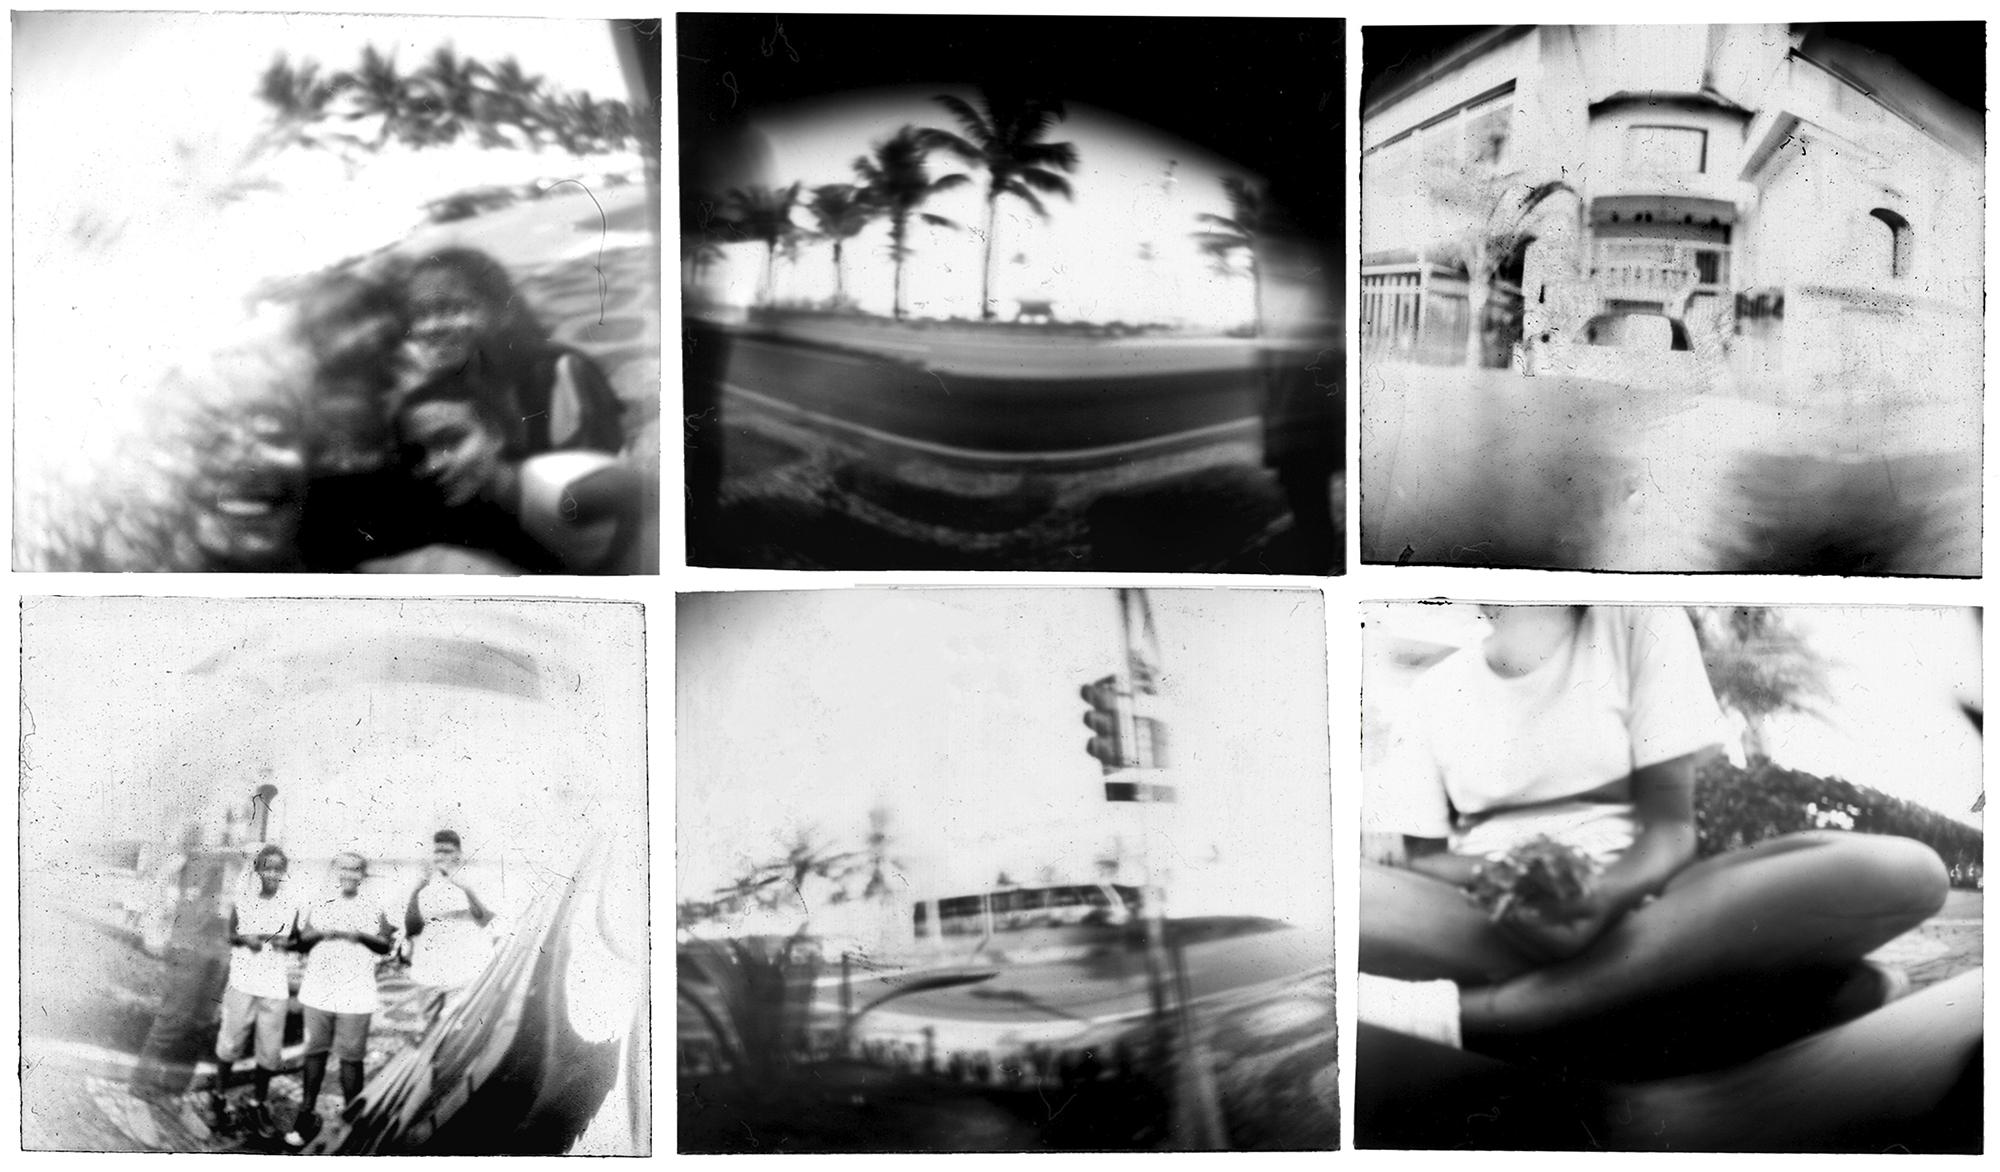 Algumas imagens produzidas e reveladas pelos alunos. /  Some images produced and developed by the students.